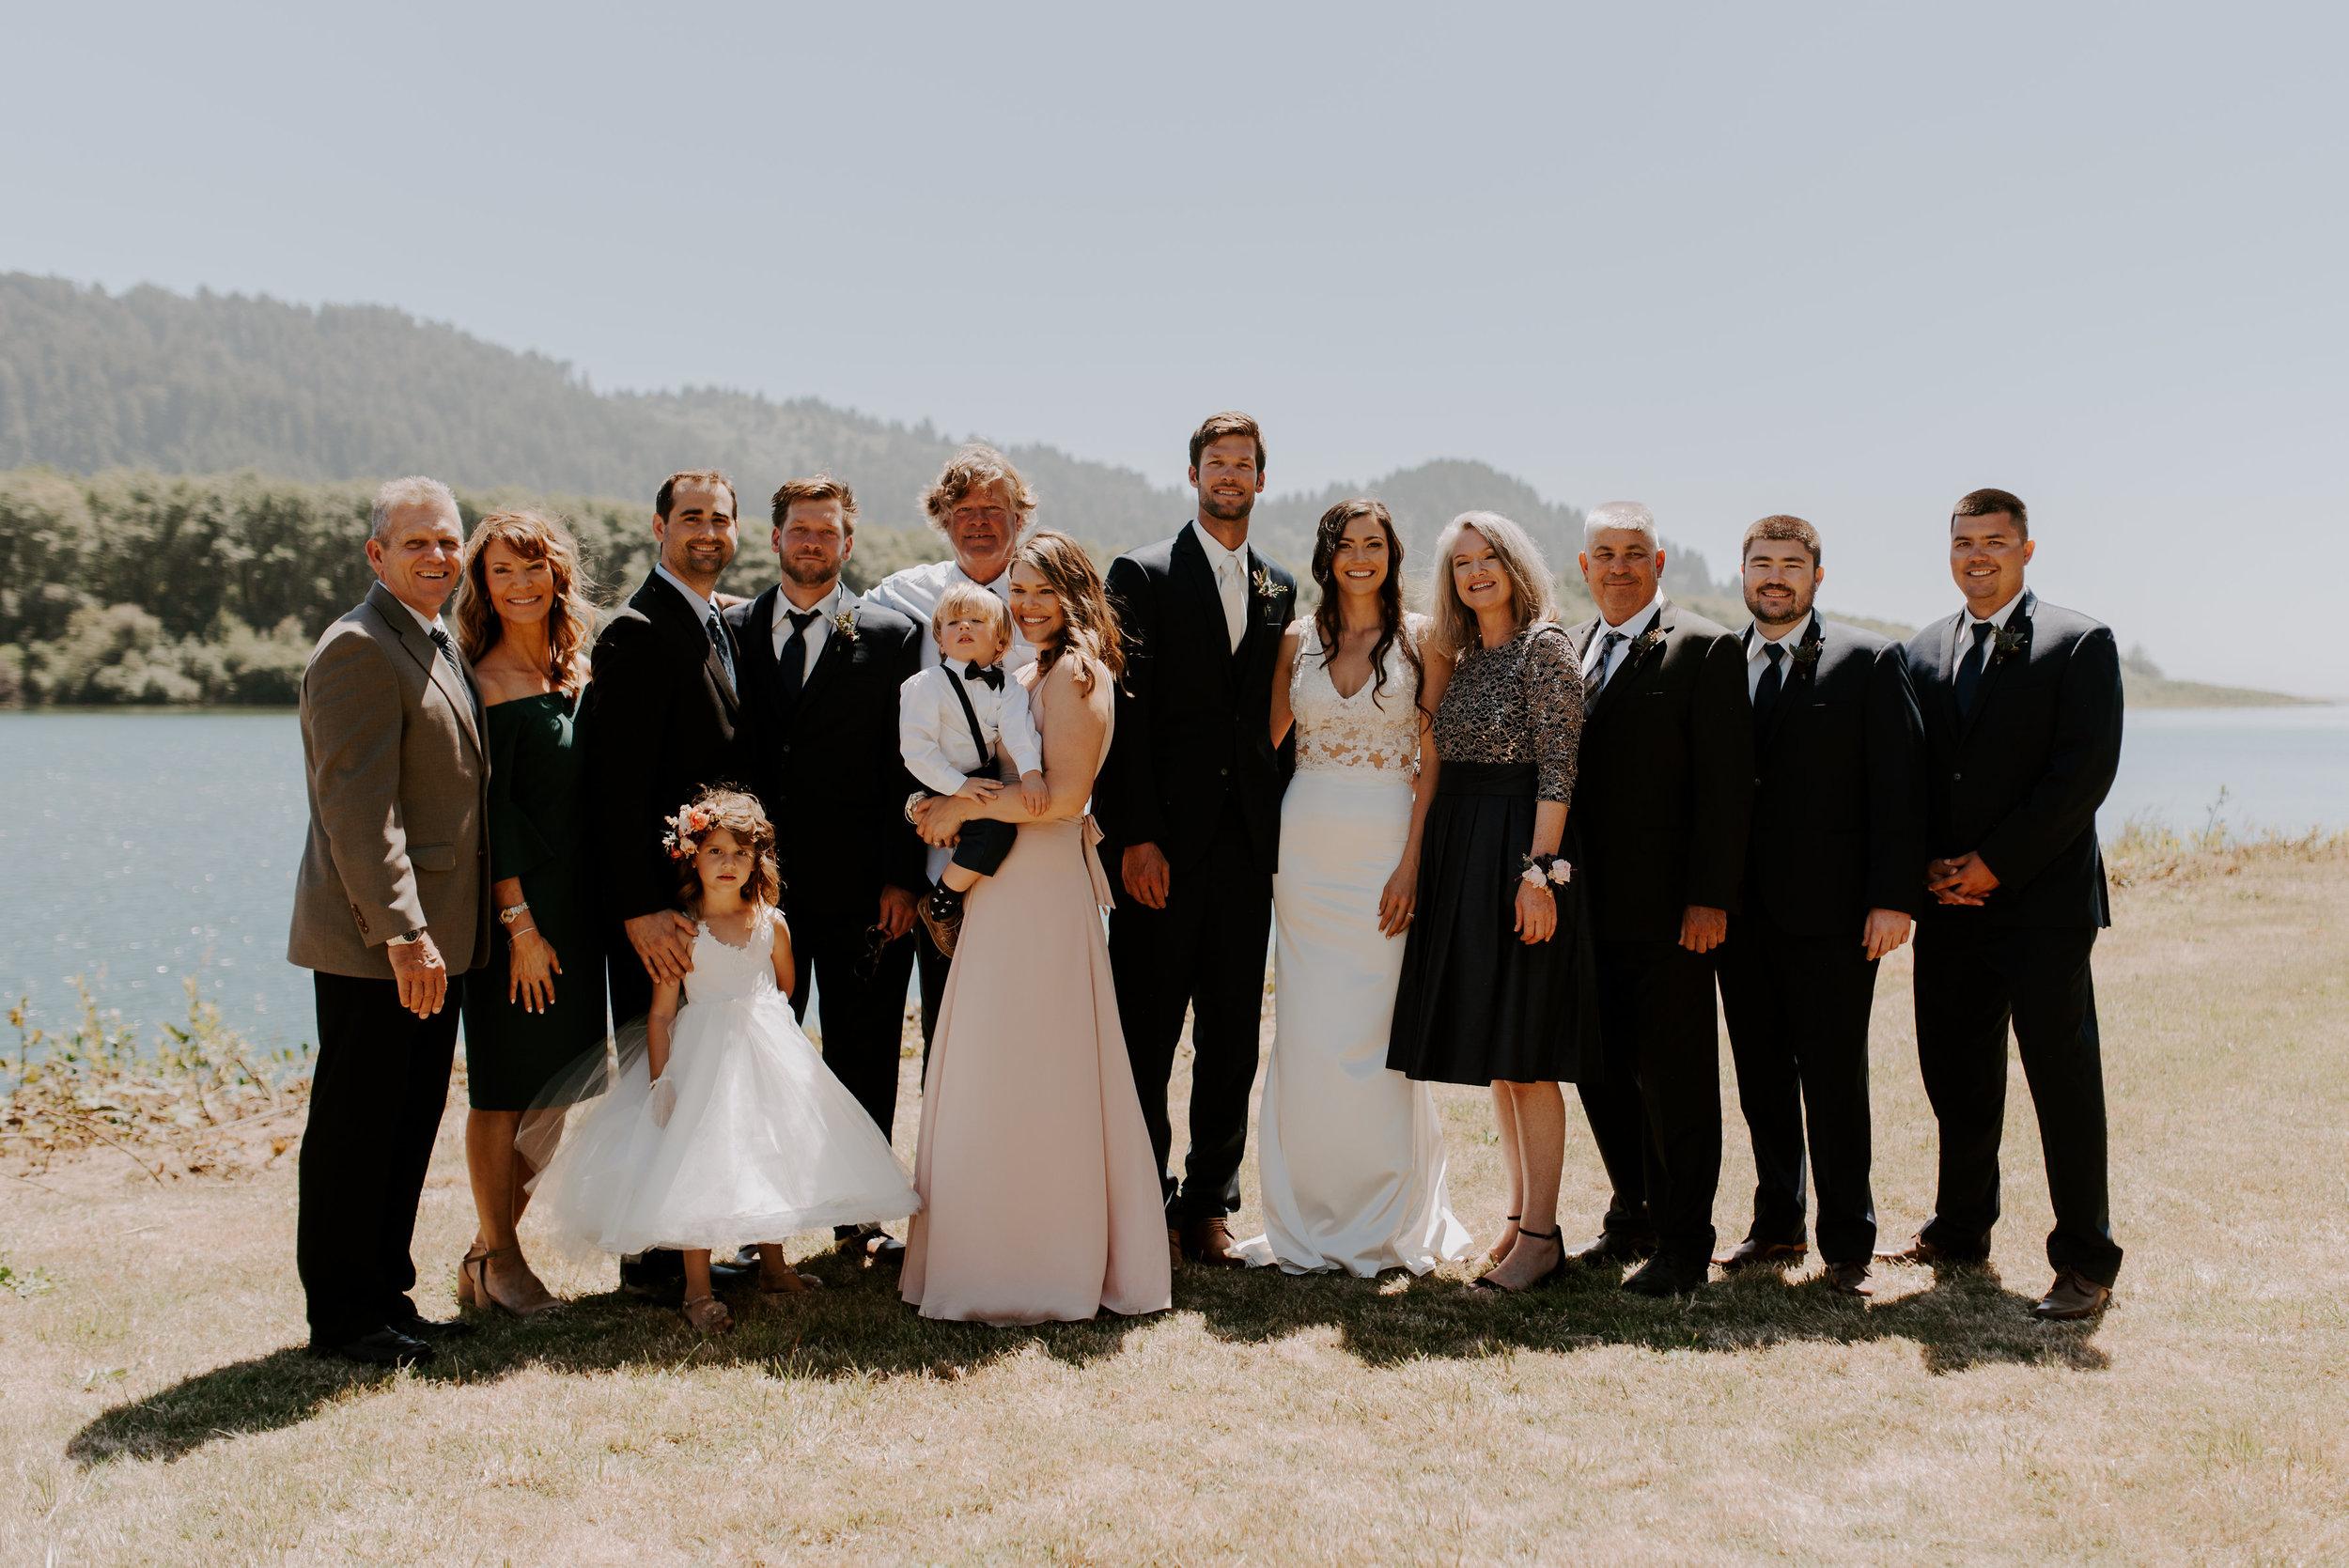 FamilyandBridalFormals-10.jpg